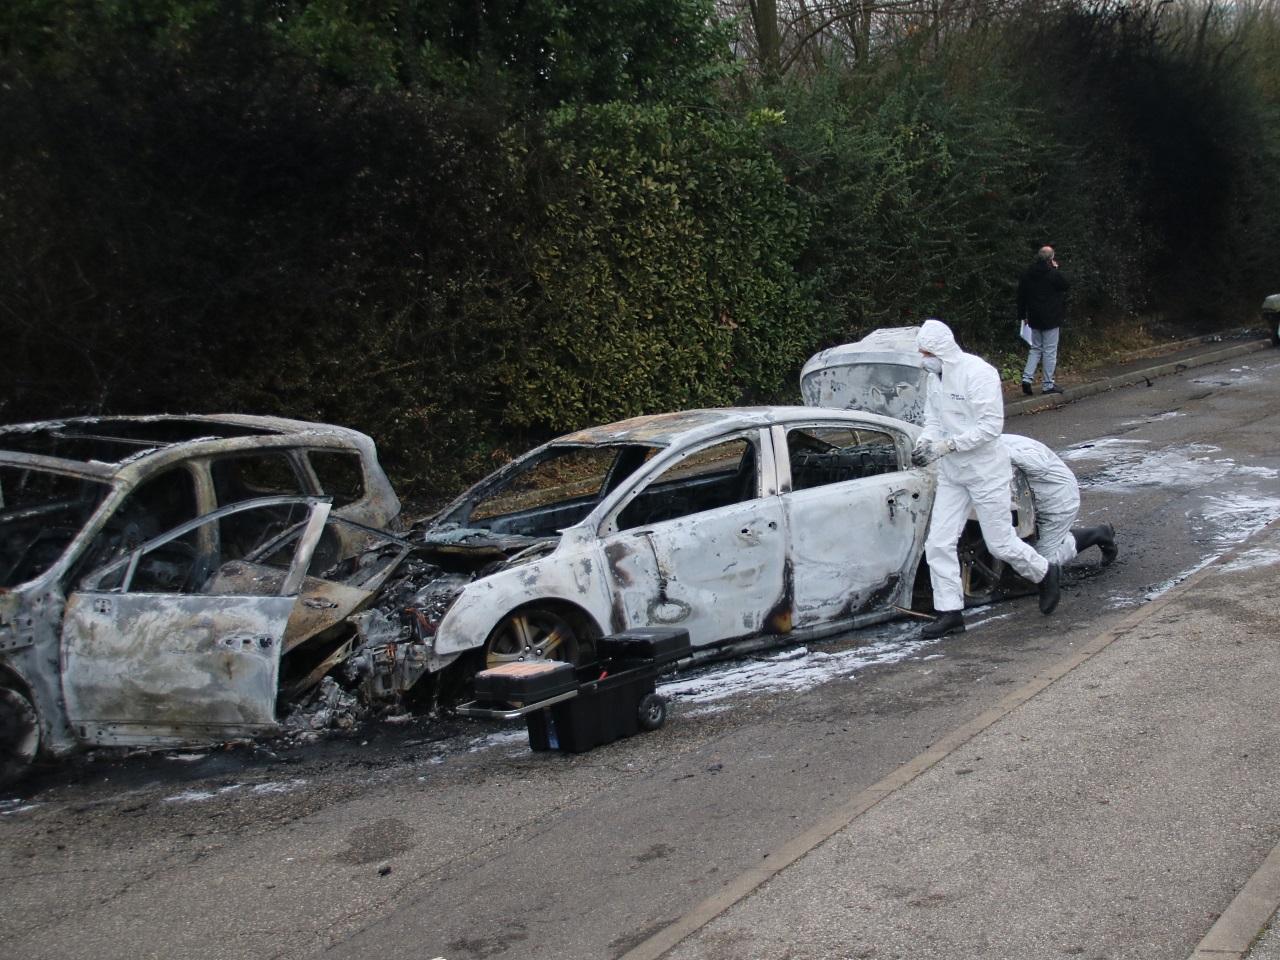 Les véhicules qui ont servi à bloquer le fourgon banalisé - LyonMag